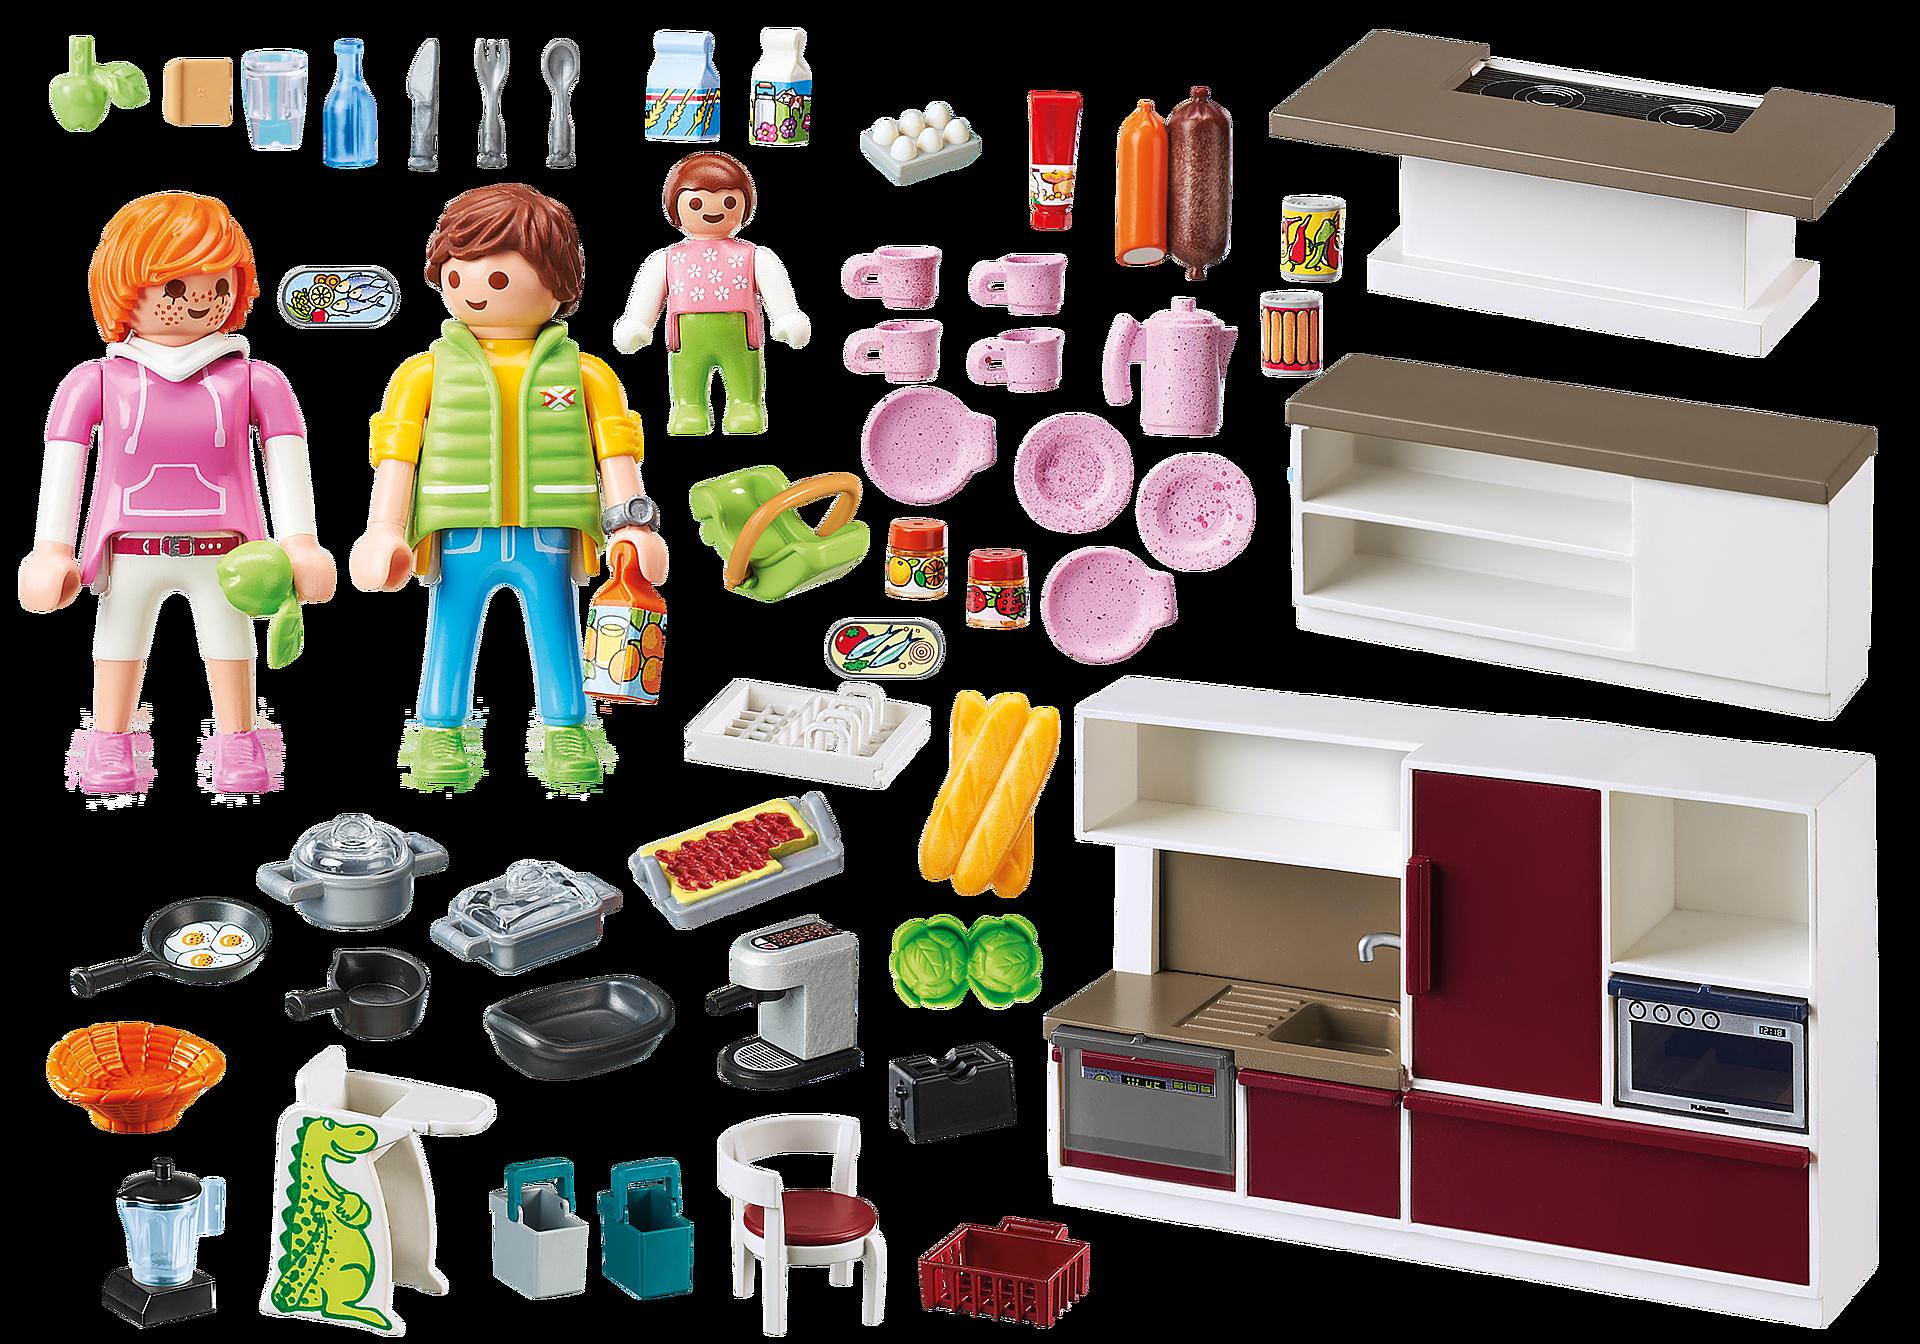 9269 Duża rodzinna kuchnia zoom image4